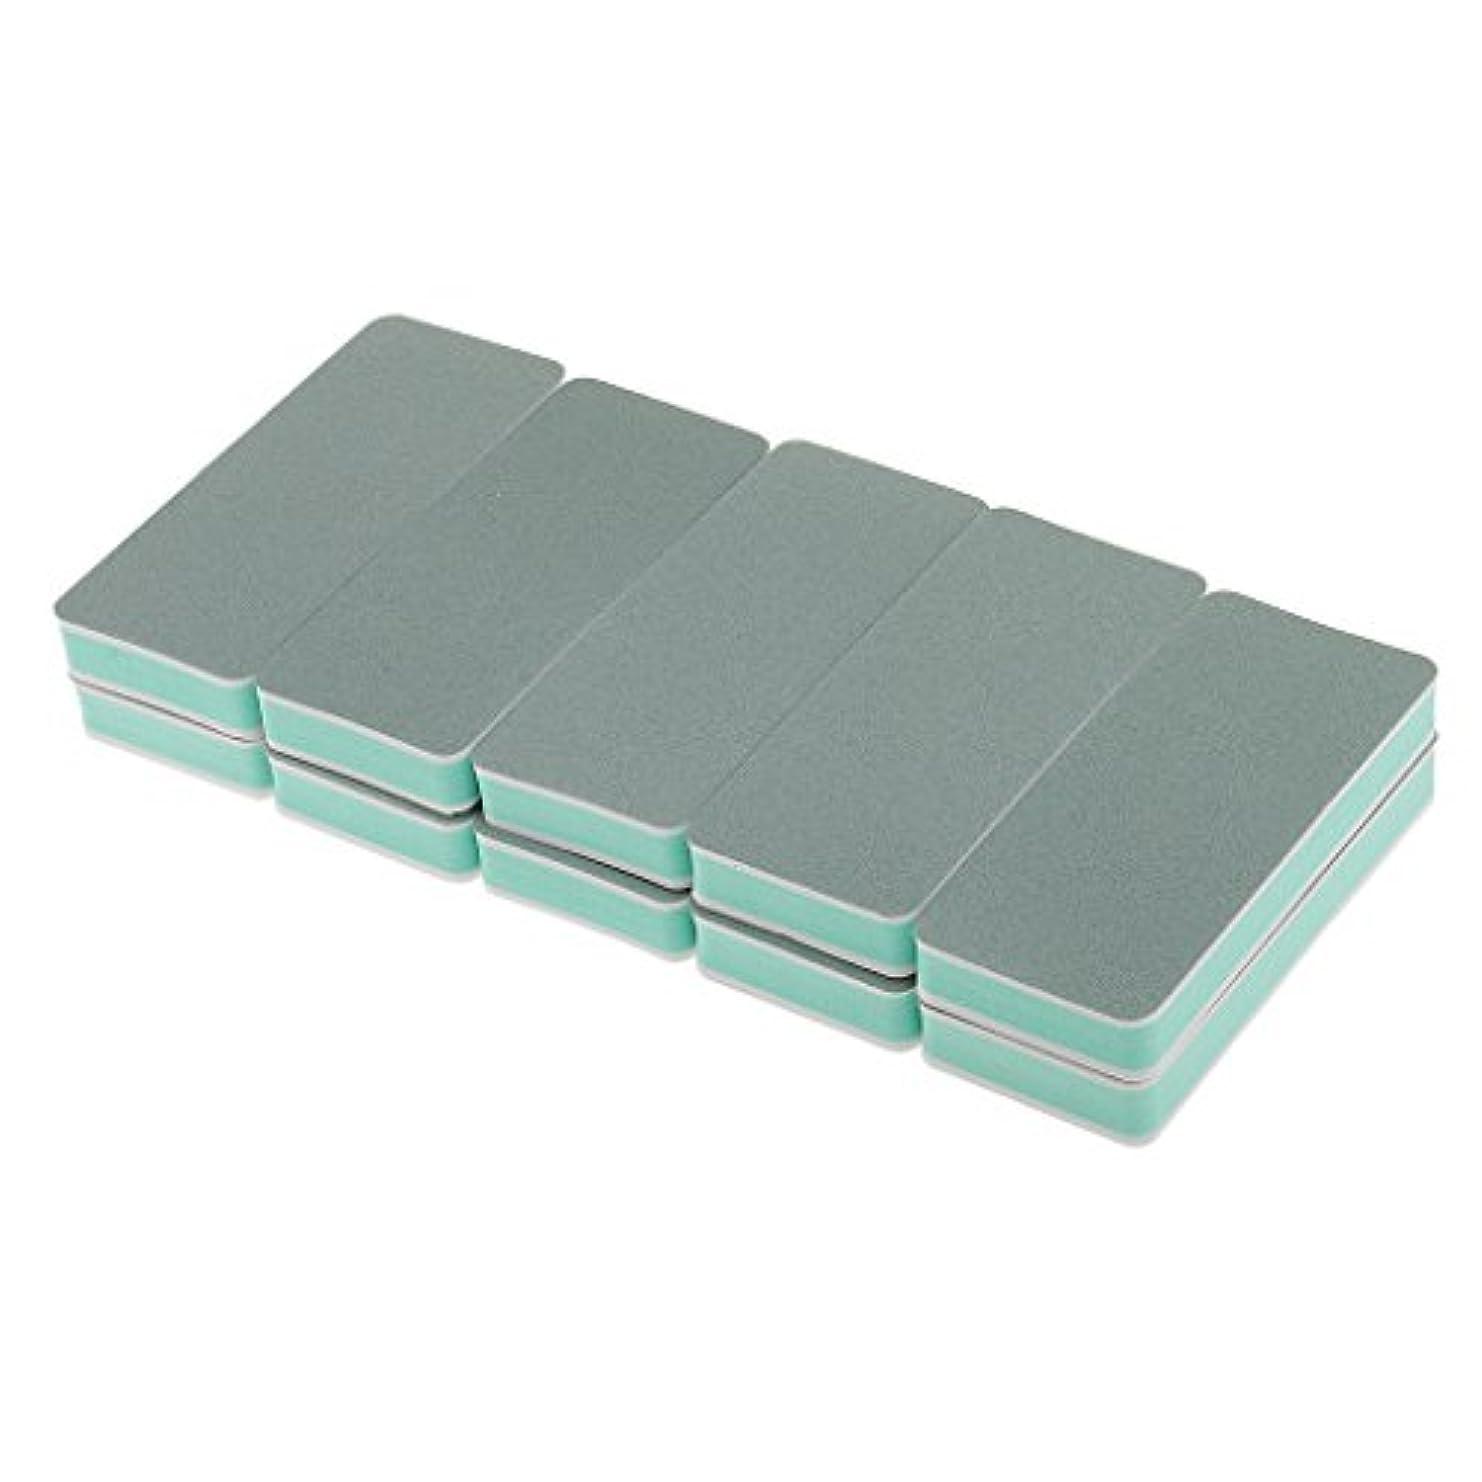 できる雨のクロニクルPerfk 10個 プロ仕様 サロン用 爪磨き  ネイル アート マニキュア ペディキュア バッファ サンディング ブロック ファイル